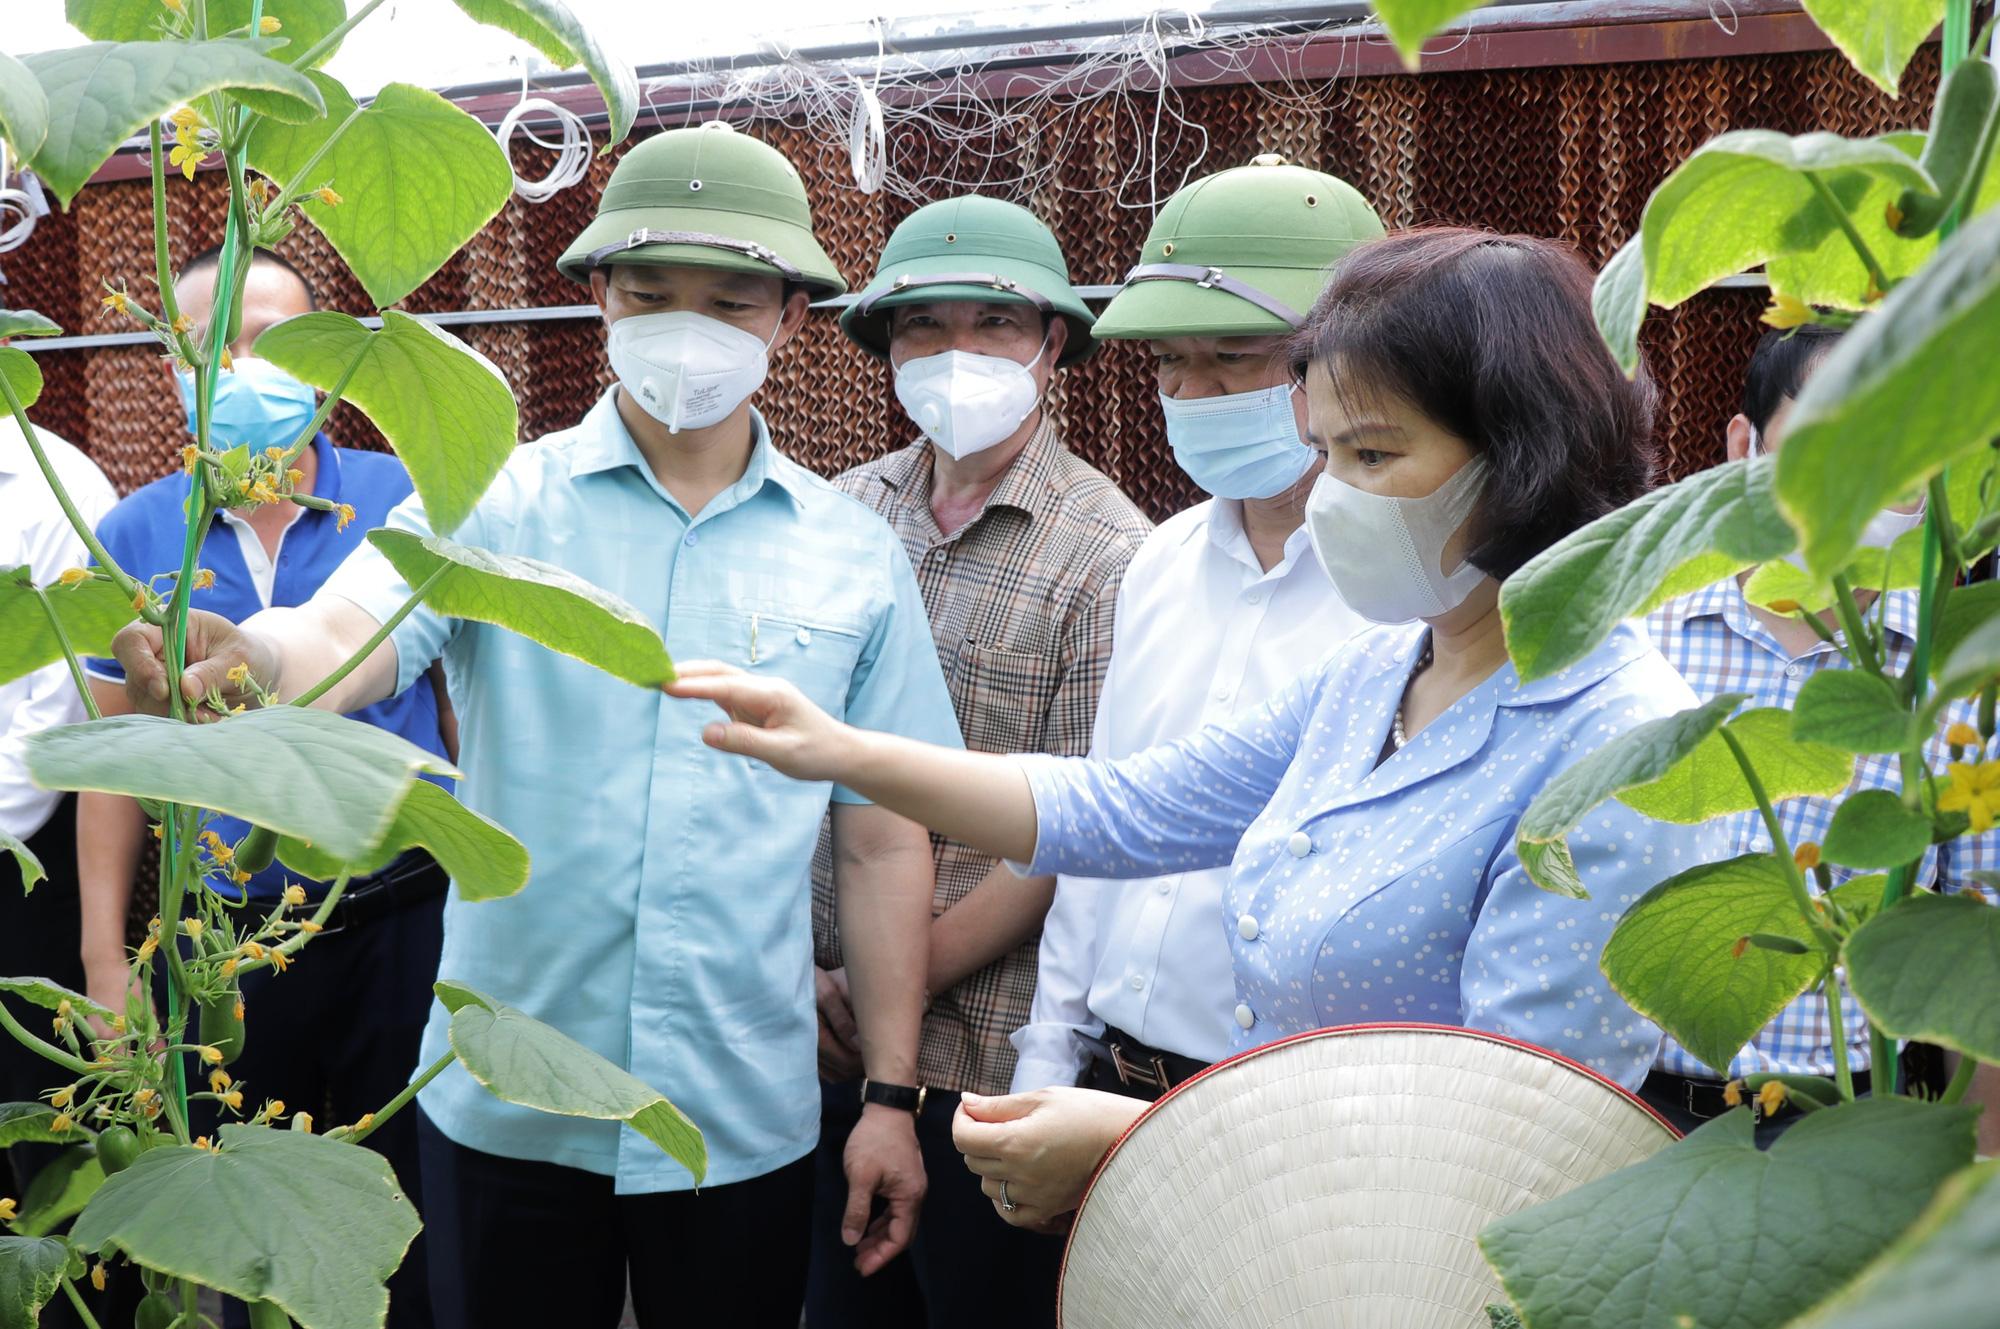 Bắc Ninh: Sẽ có nhiều chính sách hỗ trợ phát triển nông nghiệp, cao nhất là 5 tỷ đồng/dự án - Ảnh 1.